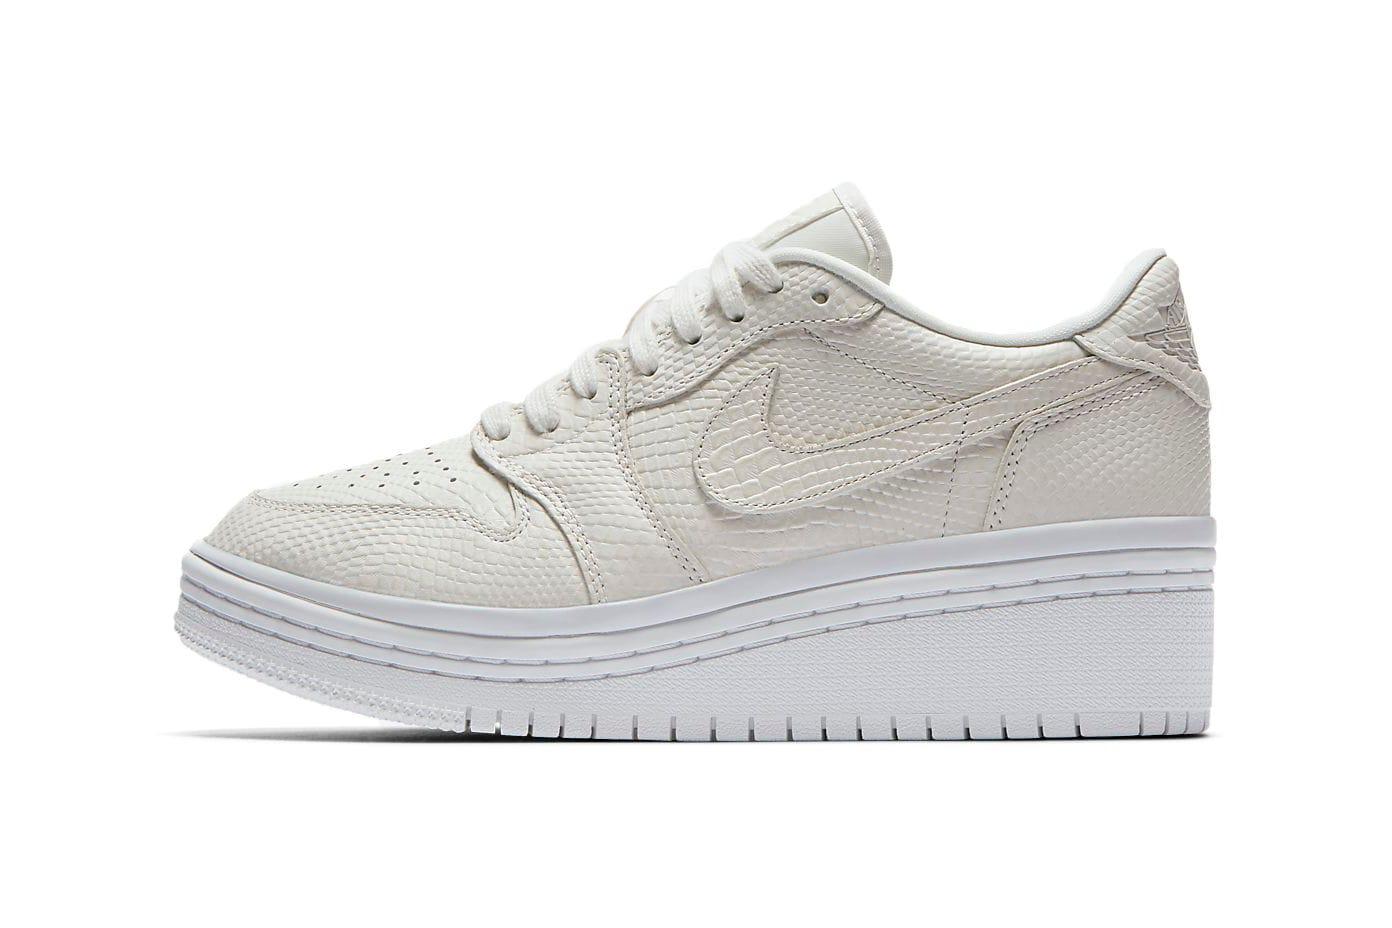 Nike Air Jordan 1 Lifted Platform Rose